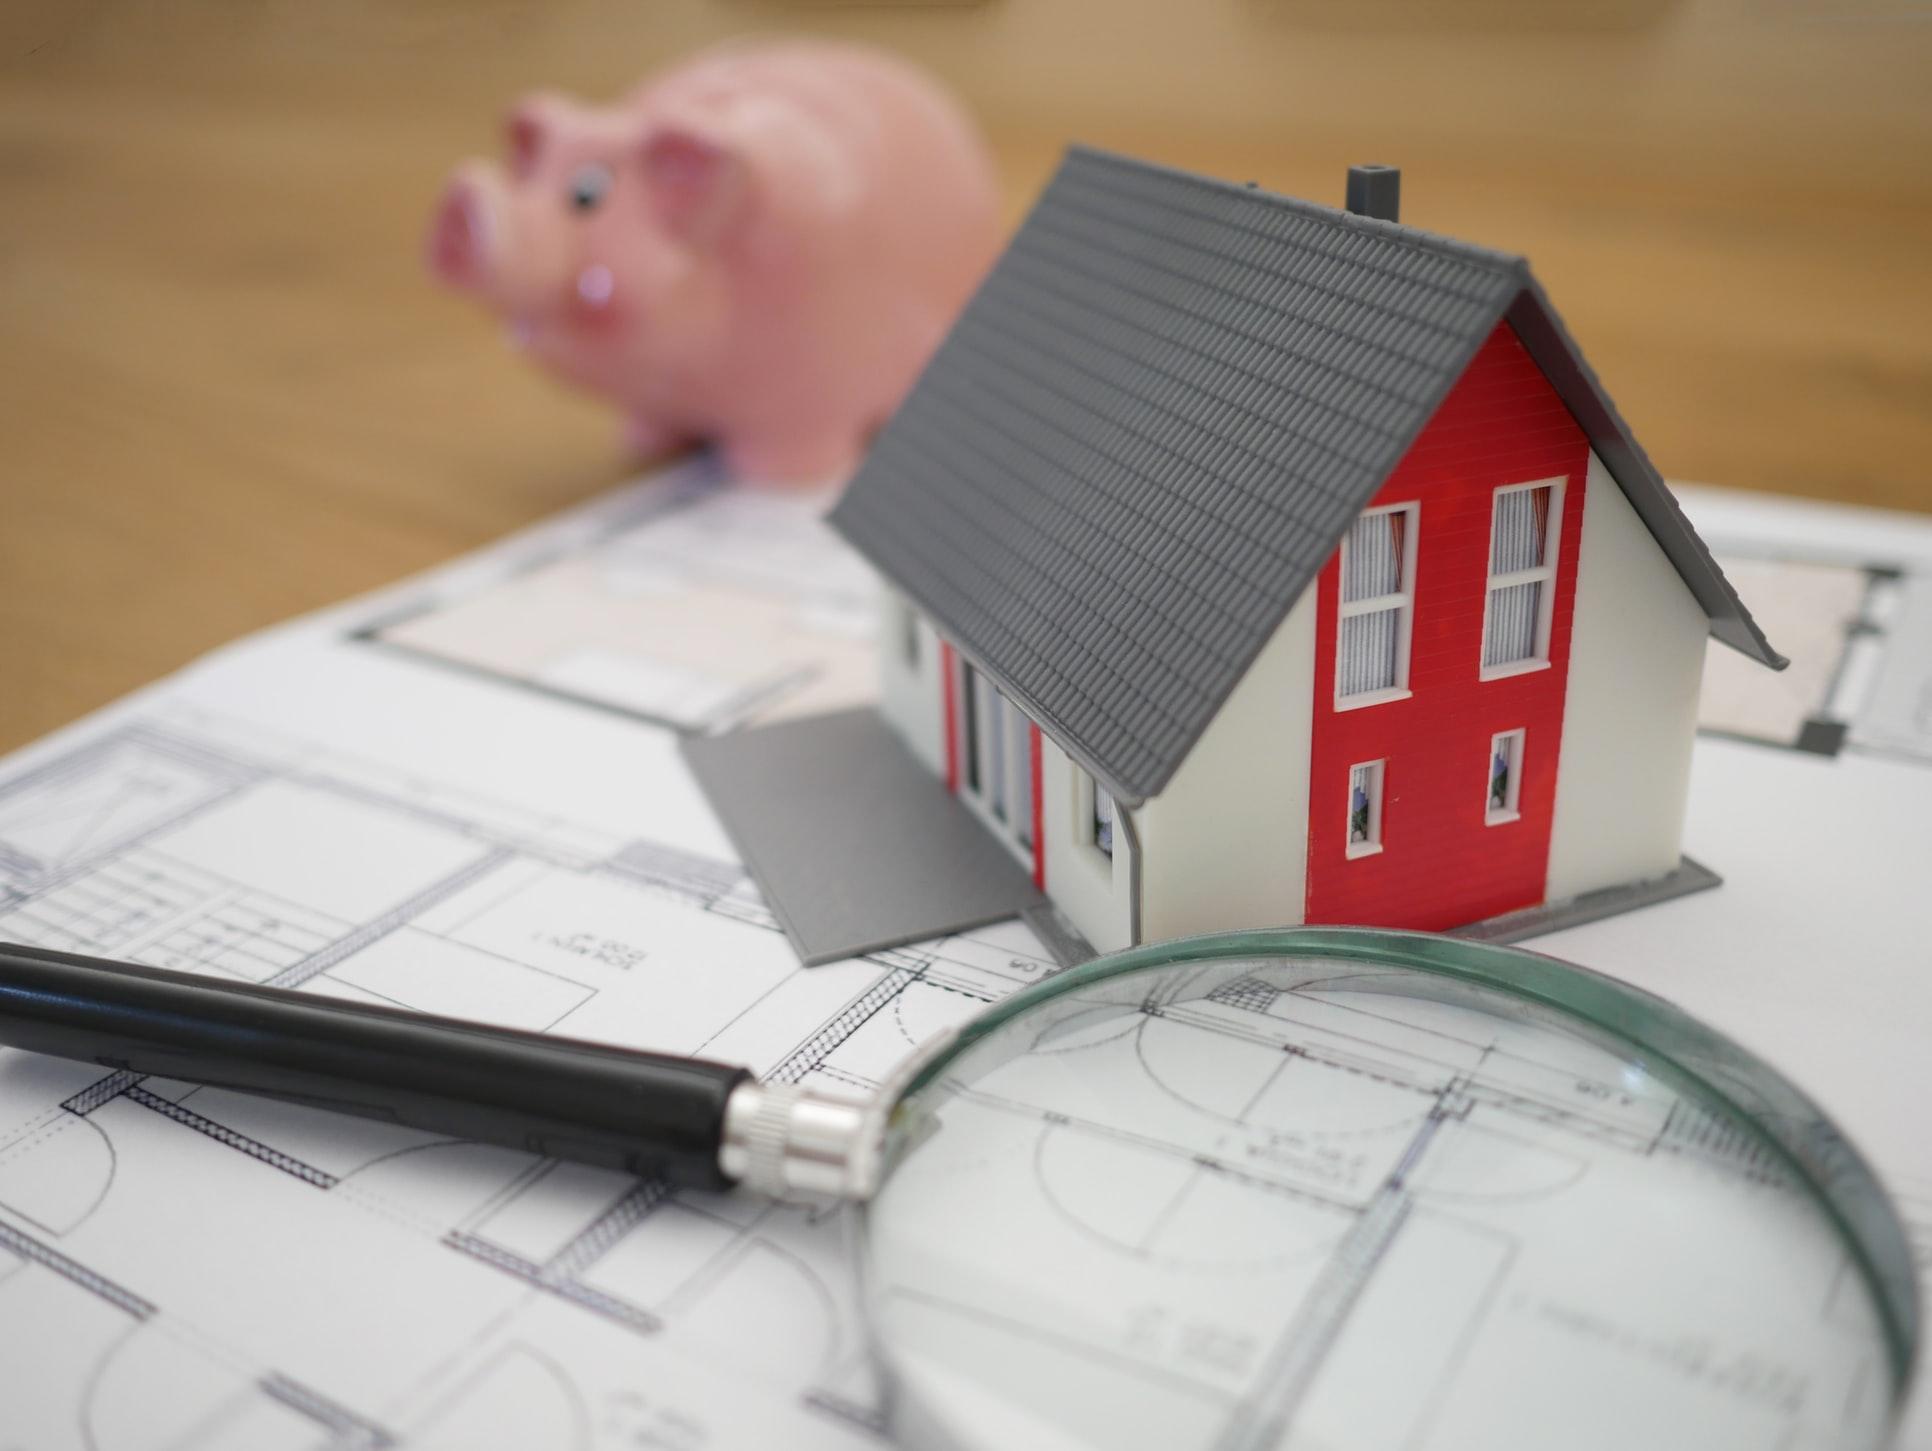 Čo všetko by mala zahŕňať dôkladná inšpekcia strechy?